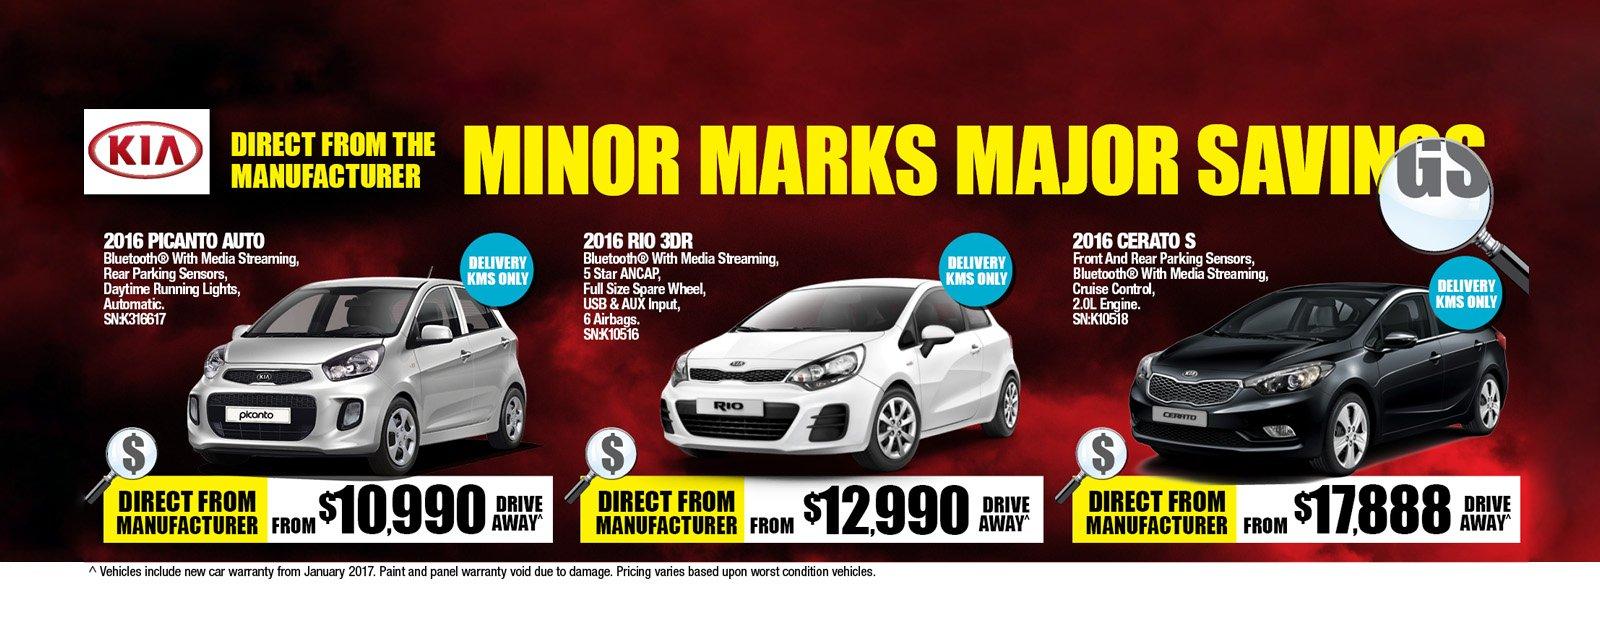 Minor Marks, Major Savings